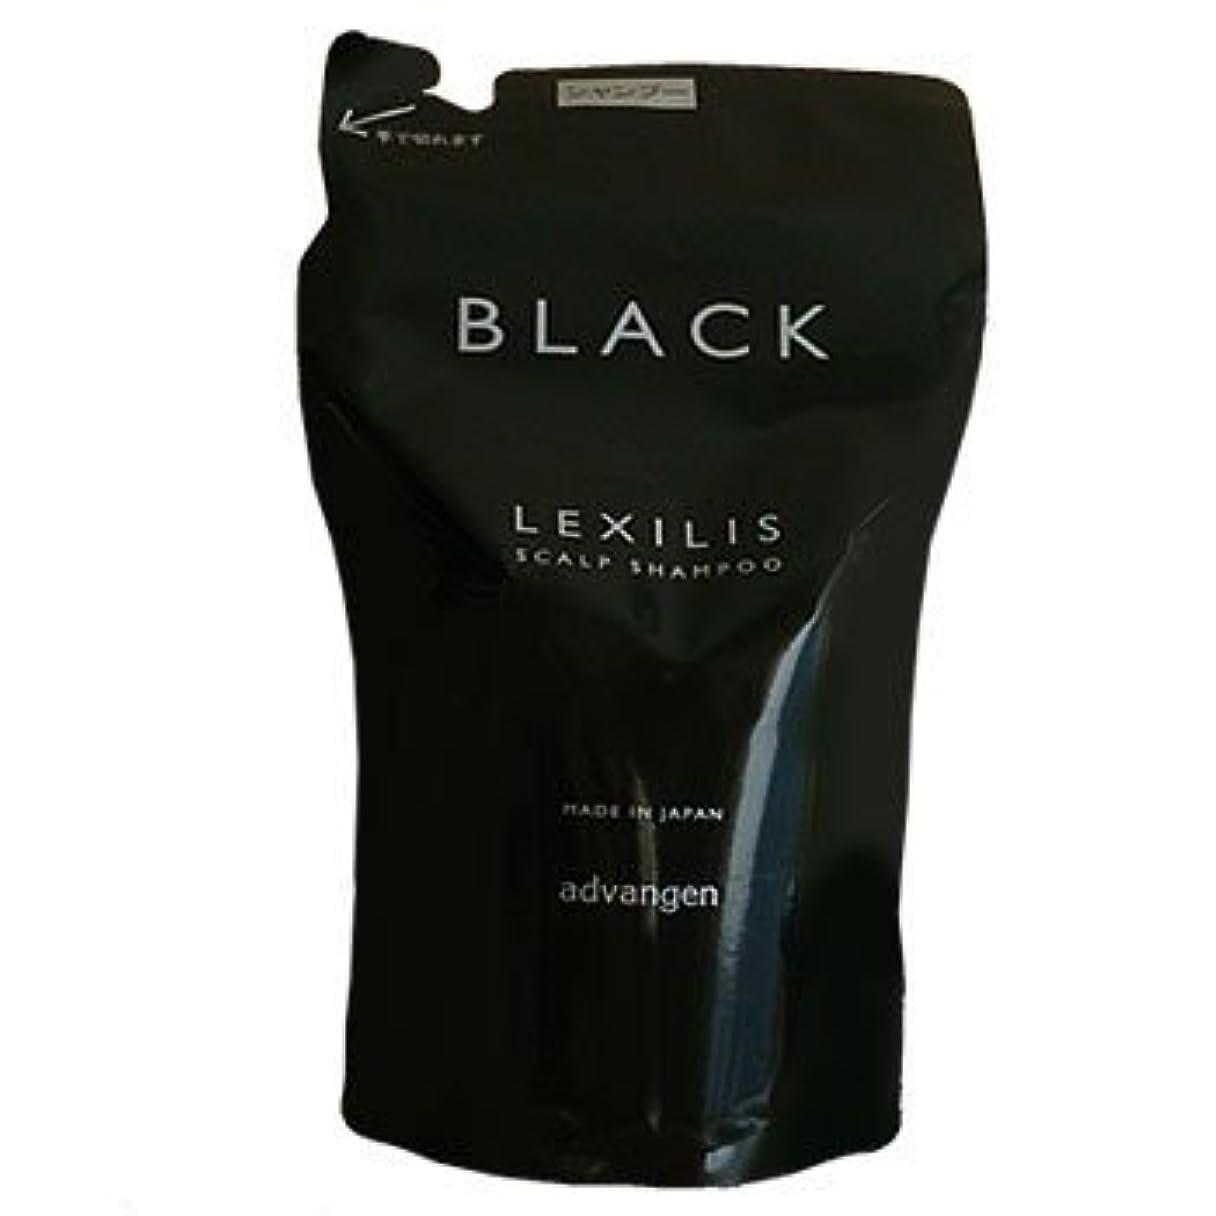 ごちそう流用する飢えadvangen(アドバンジェン) レキシリス ブラック スカルプシャンプー 700ml レフィル